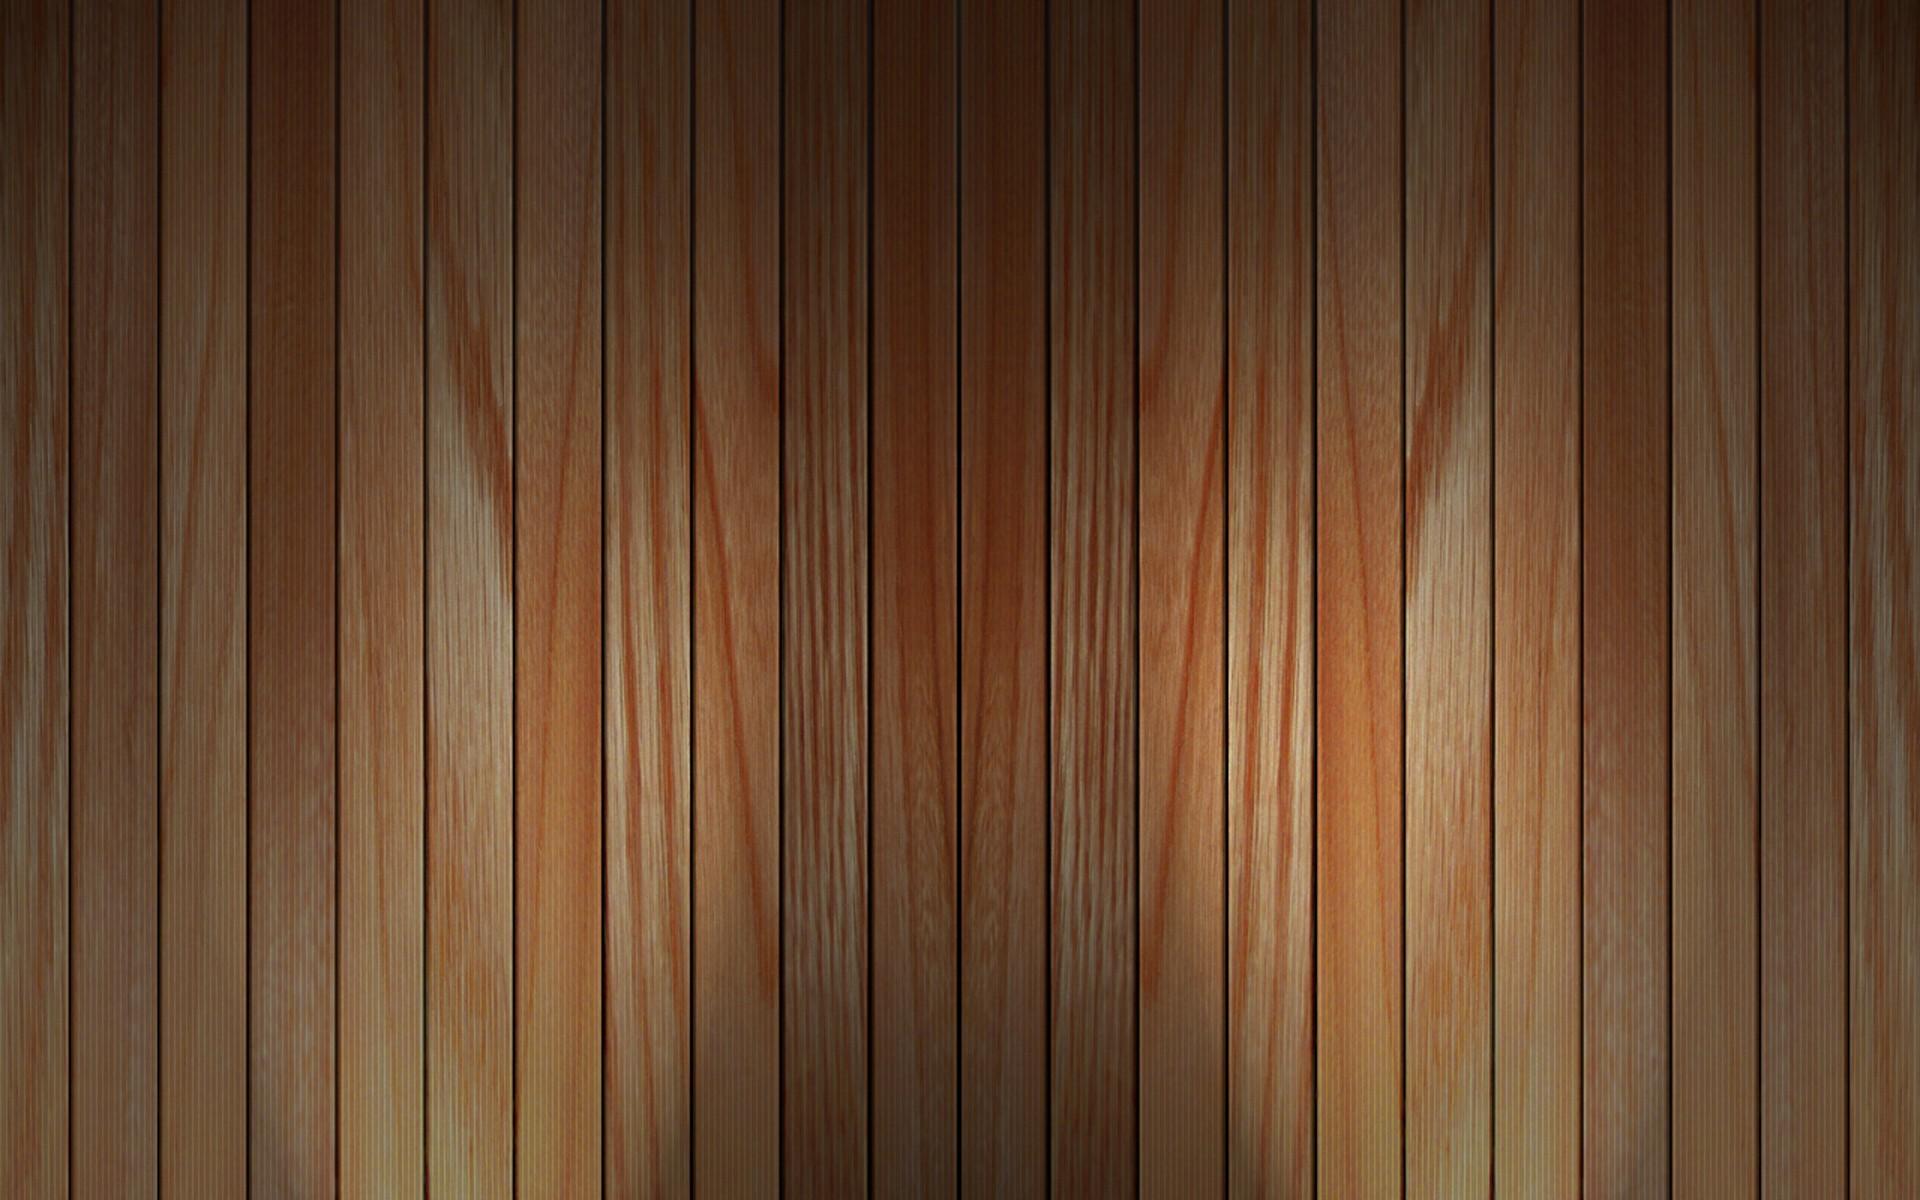 текстура дерево стена свет  № 3141254 бесплатно